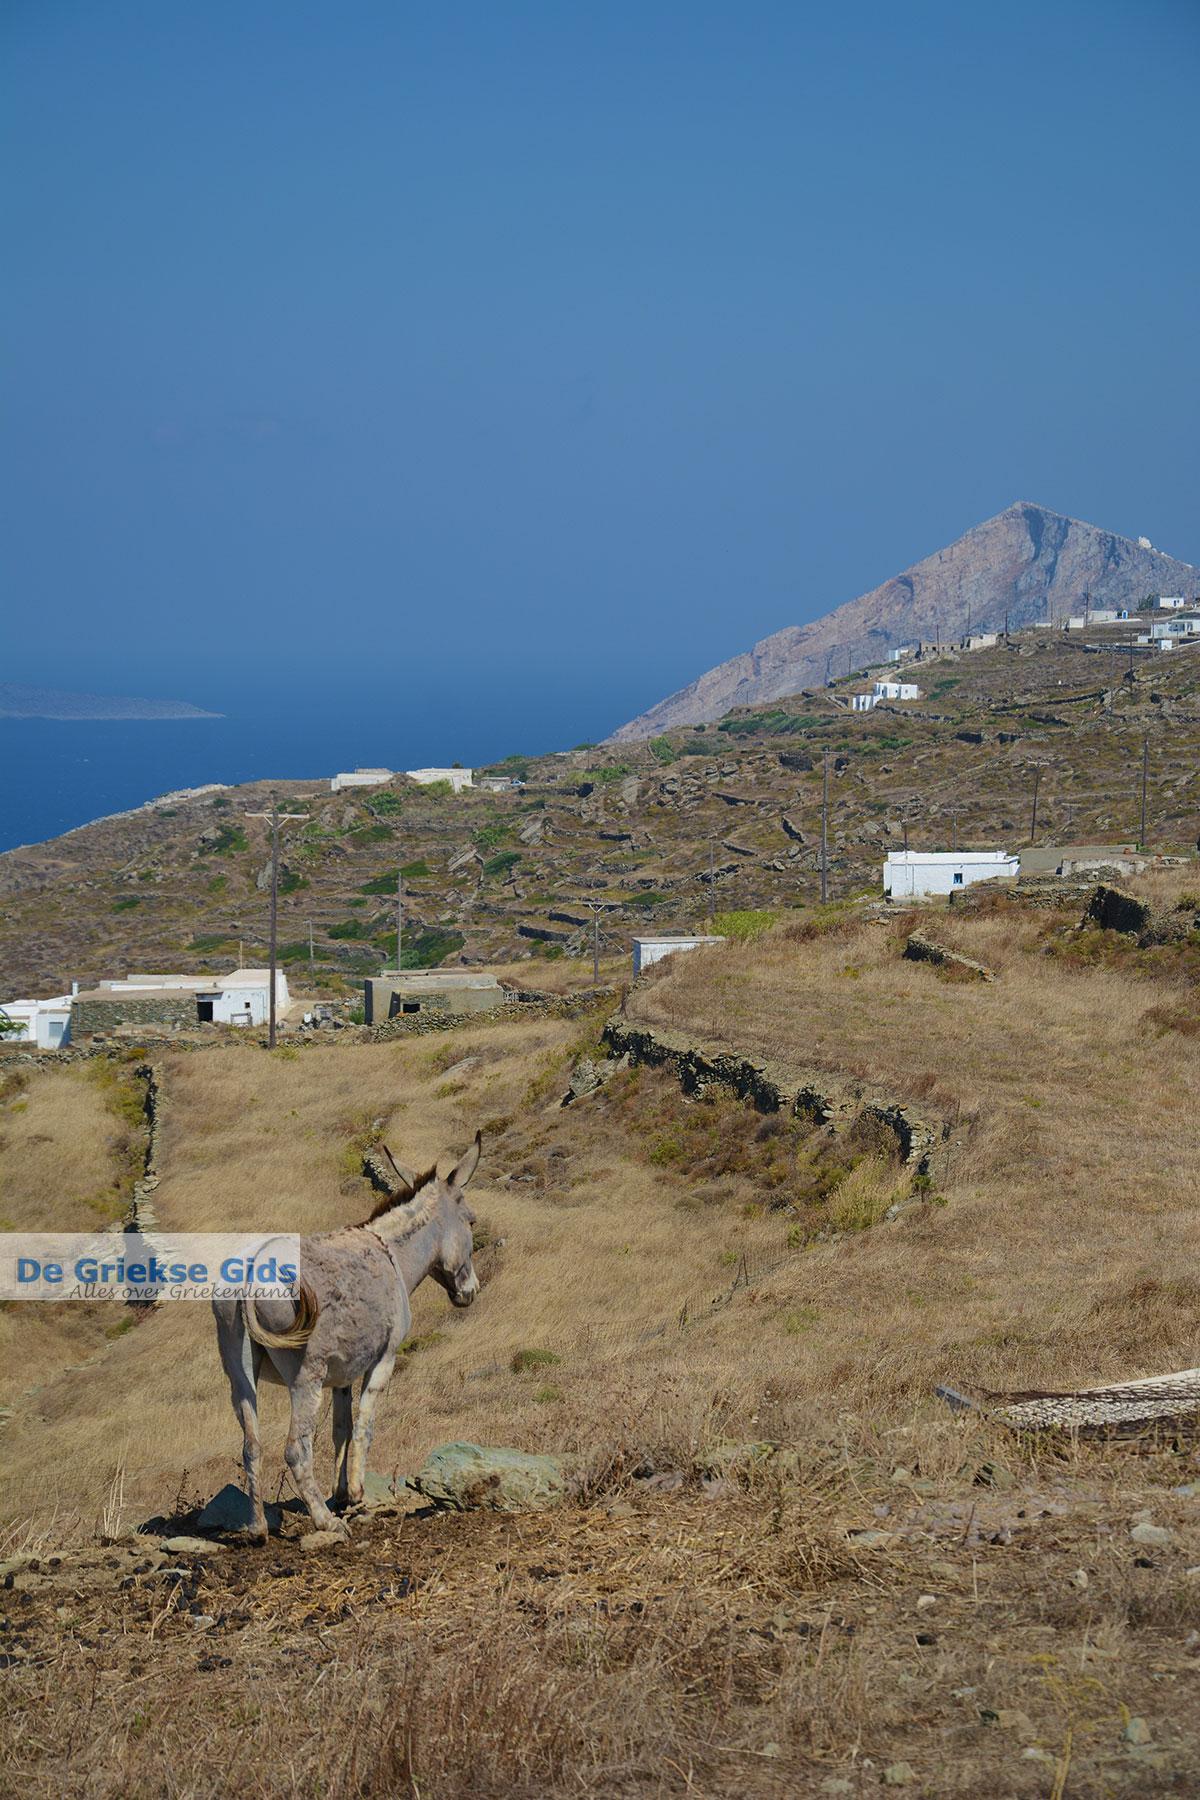 foto Ano Meria Folegandros - Eiland Folegandros - Cycladen - Foto 218